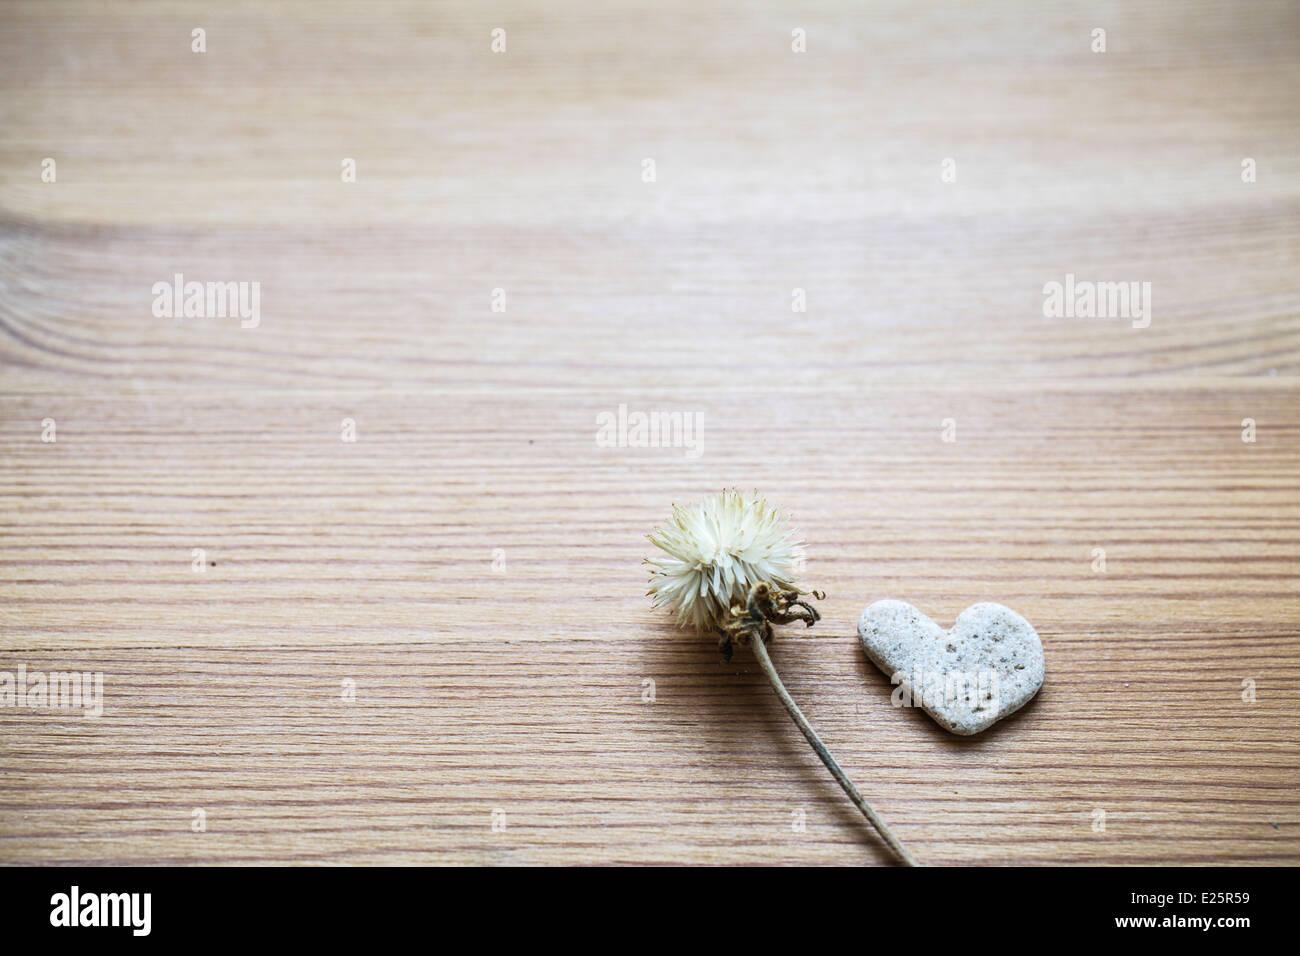 Fiore e cuore forme pietra su sfondo di legno Immagini Stock